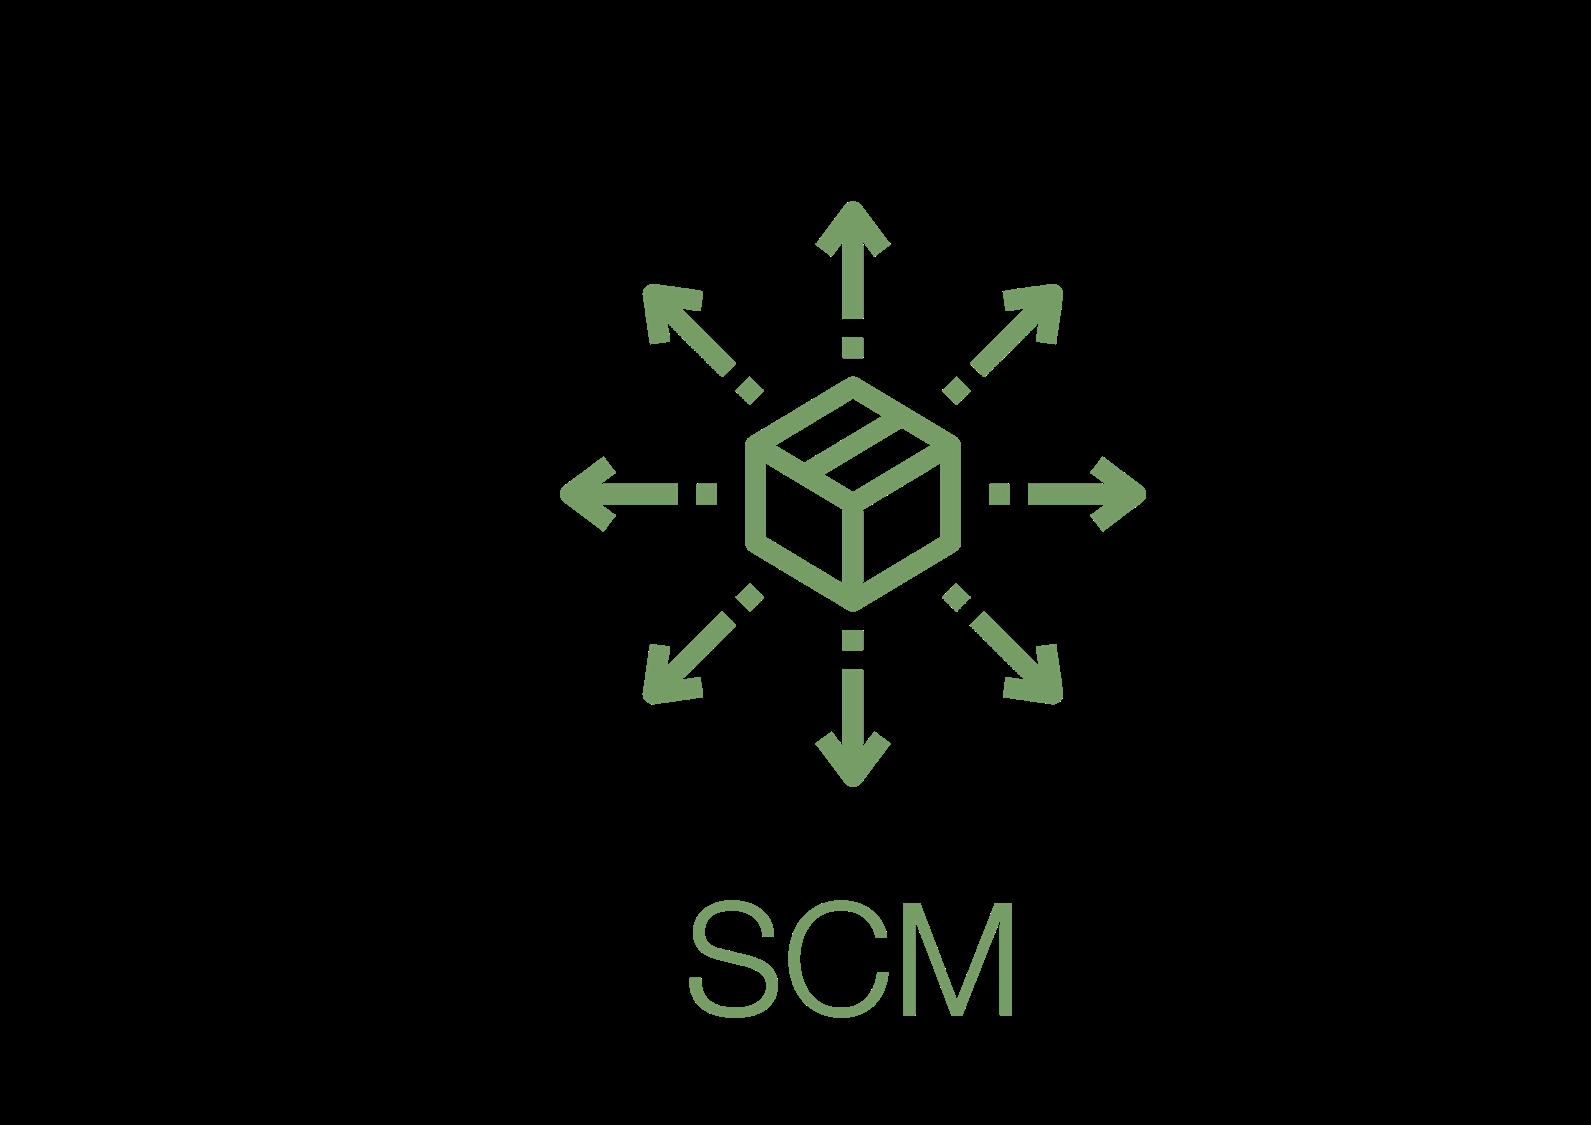 SCM VERDE-1